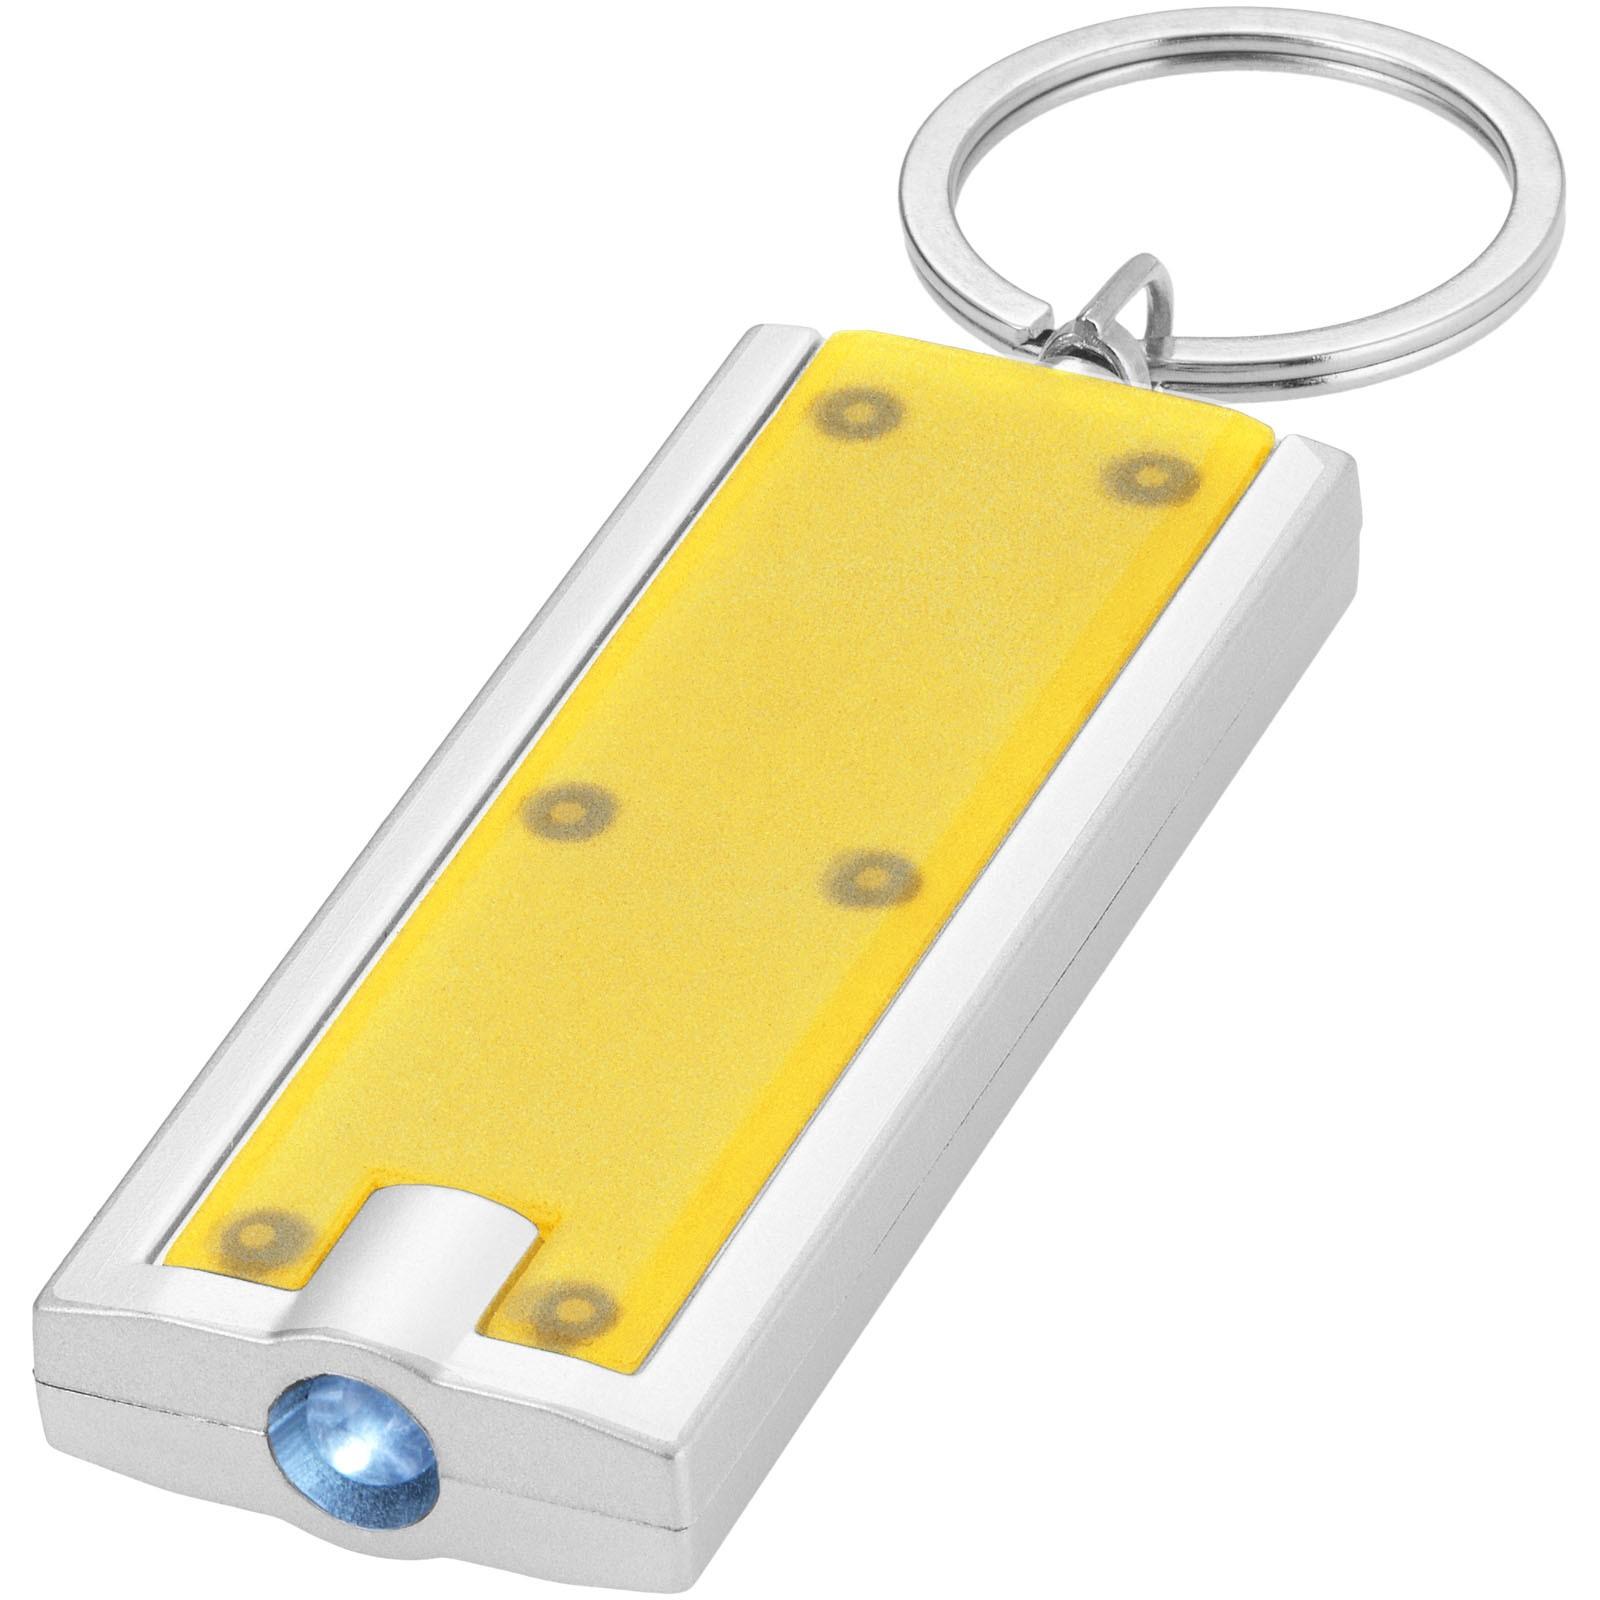 LED svítilna na klíče Castor - Žlutá / Stříbrný